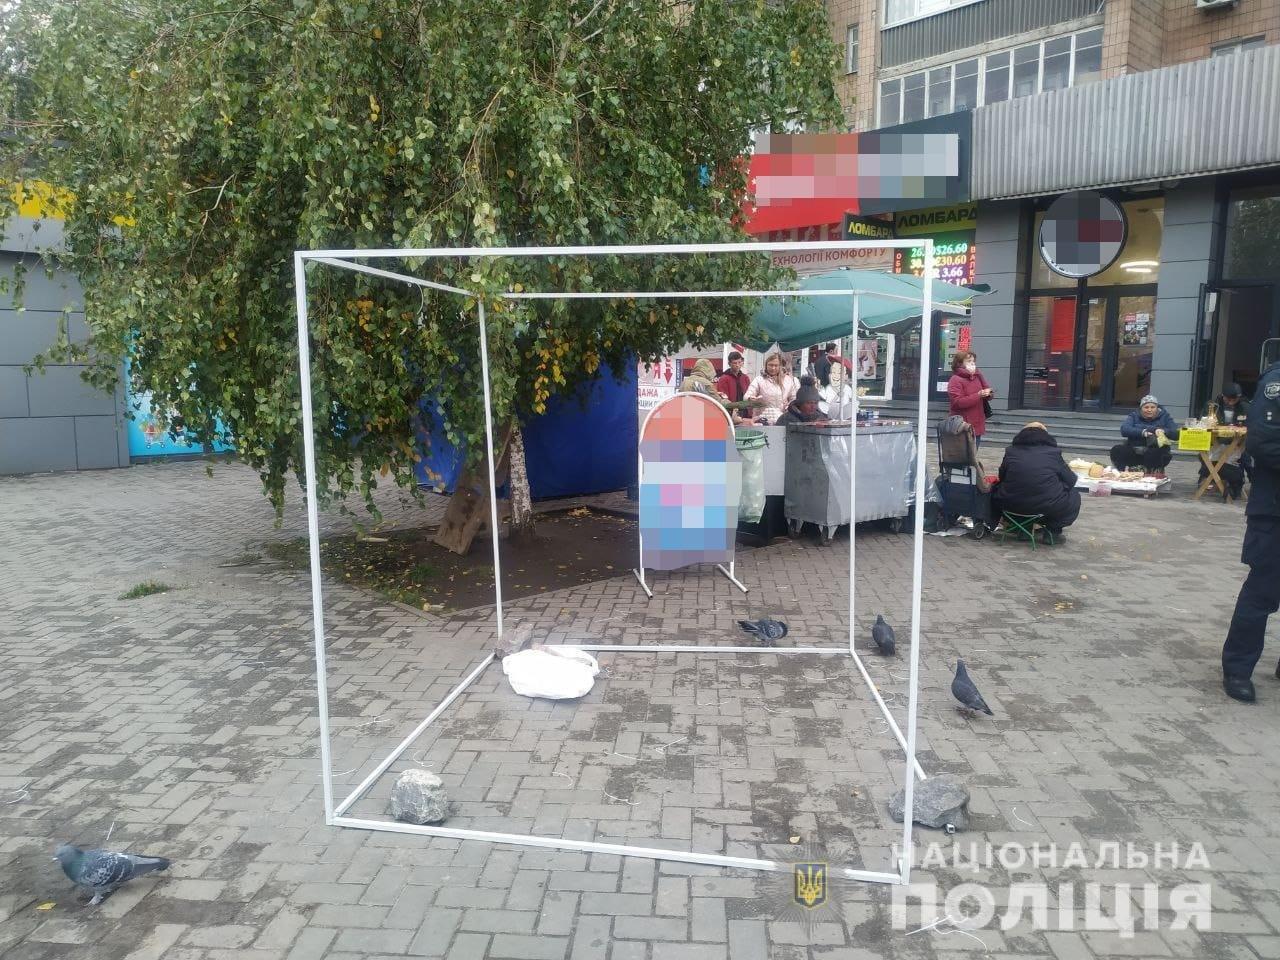 Выборы мэра Харькова 2021: нападение на агитационные палатки